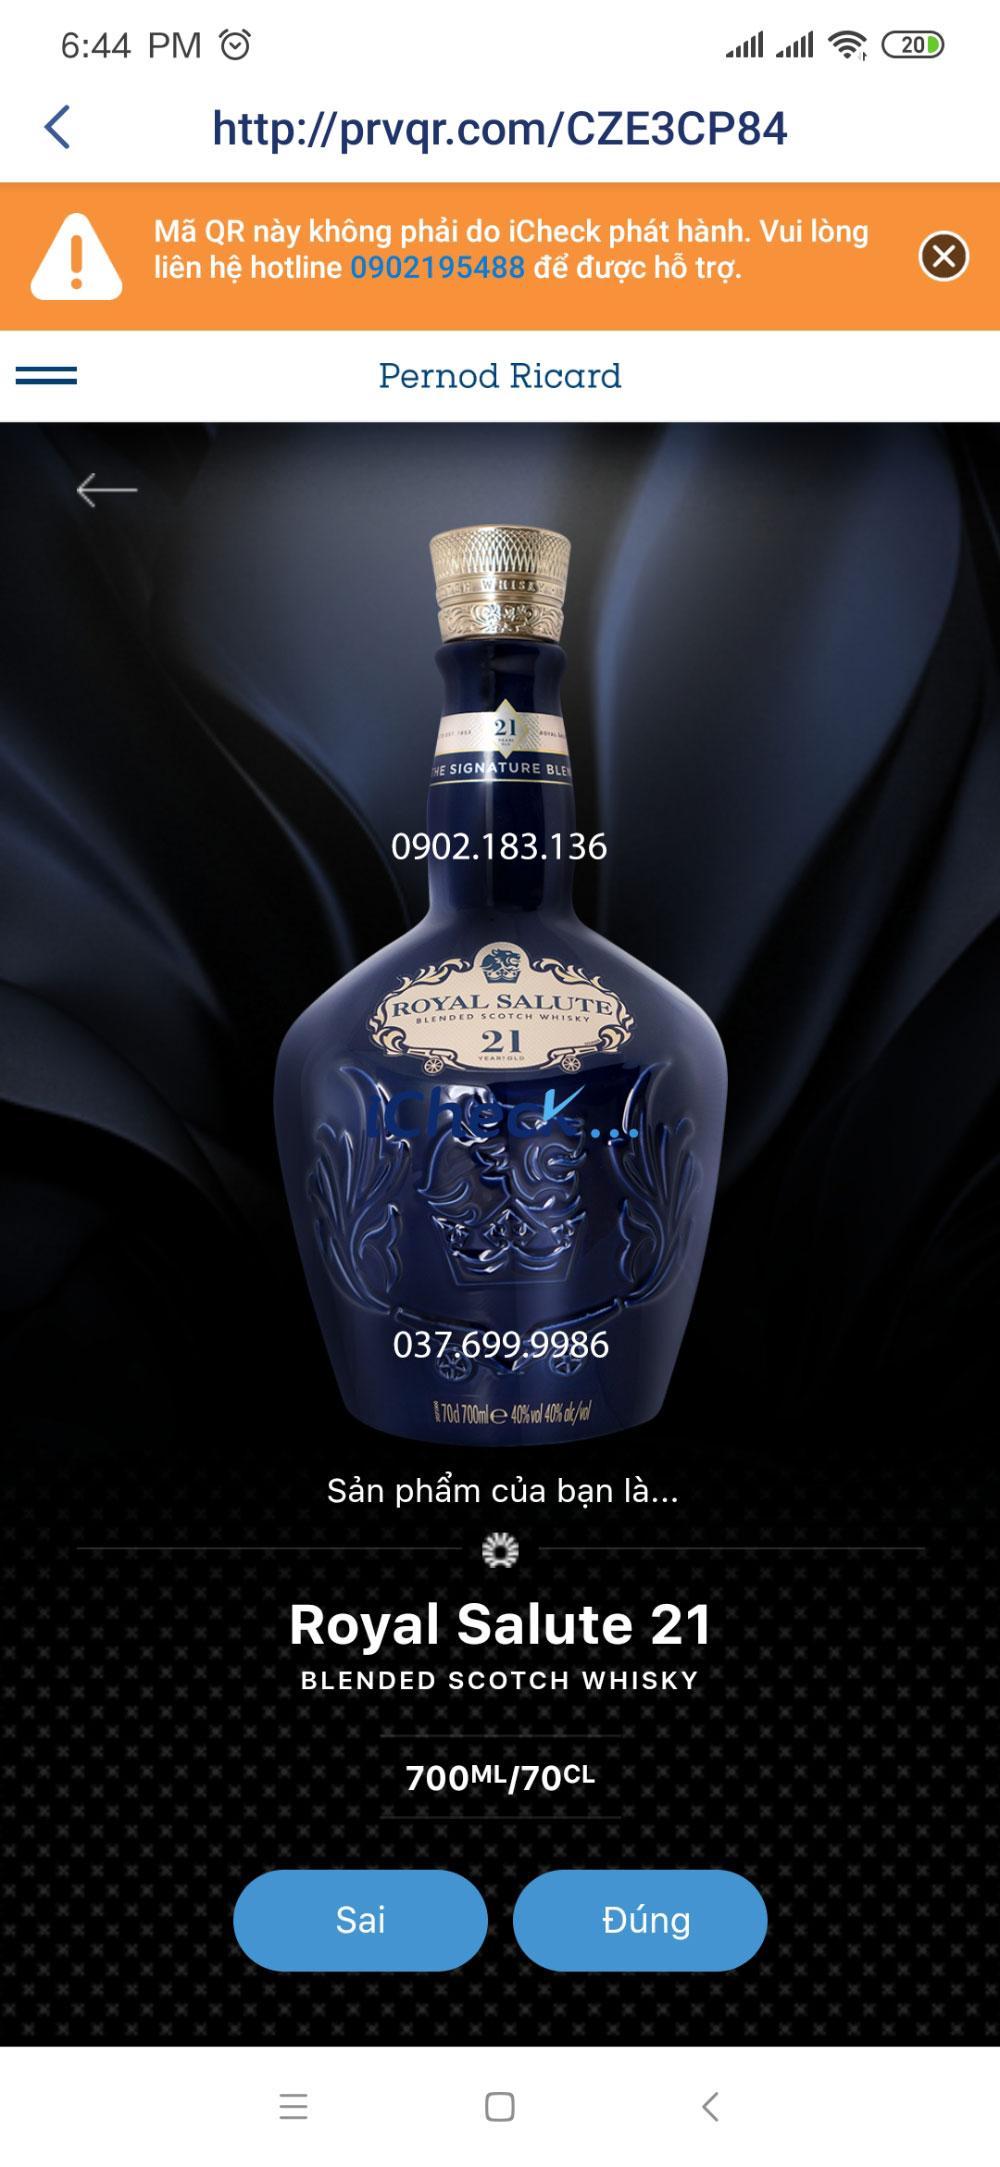 Phần mềm ICheck trả kết quả cho rượu Chivas 21 chính hãng tại Việt Nam